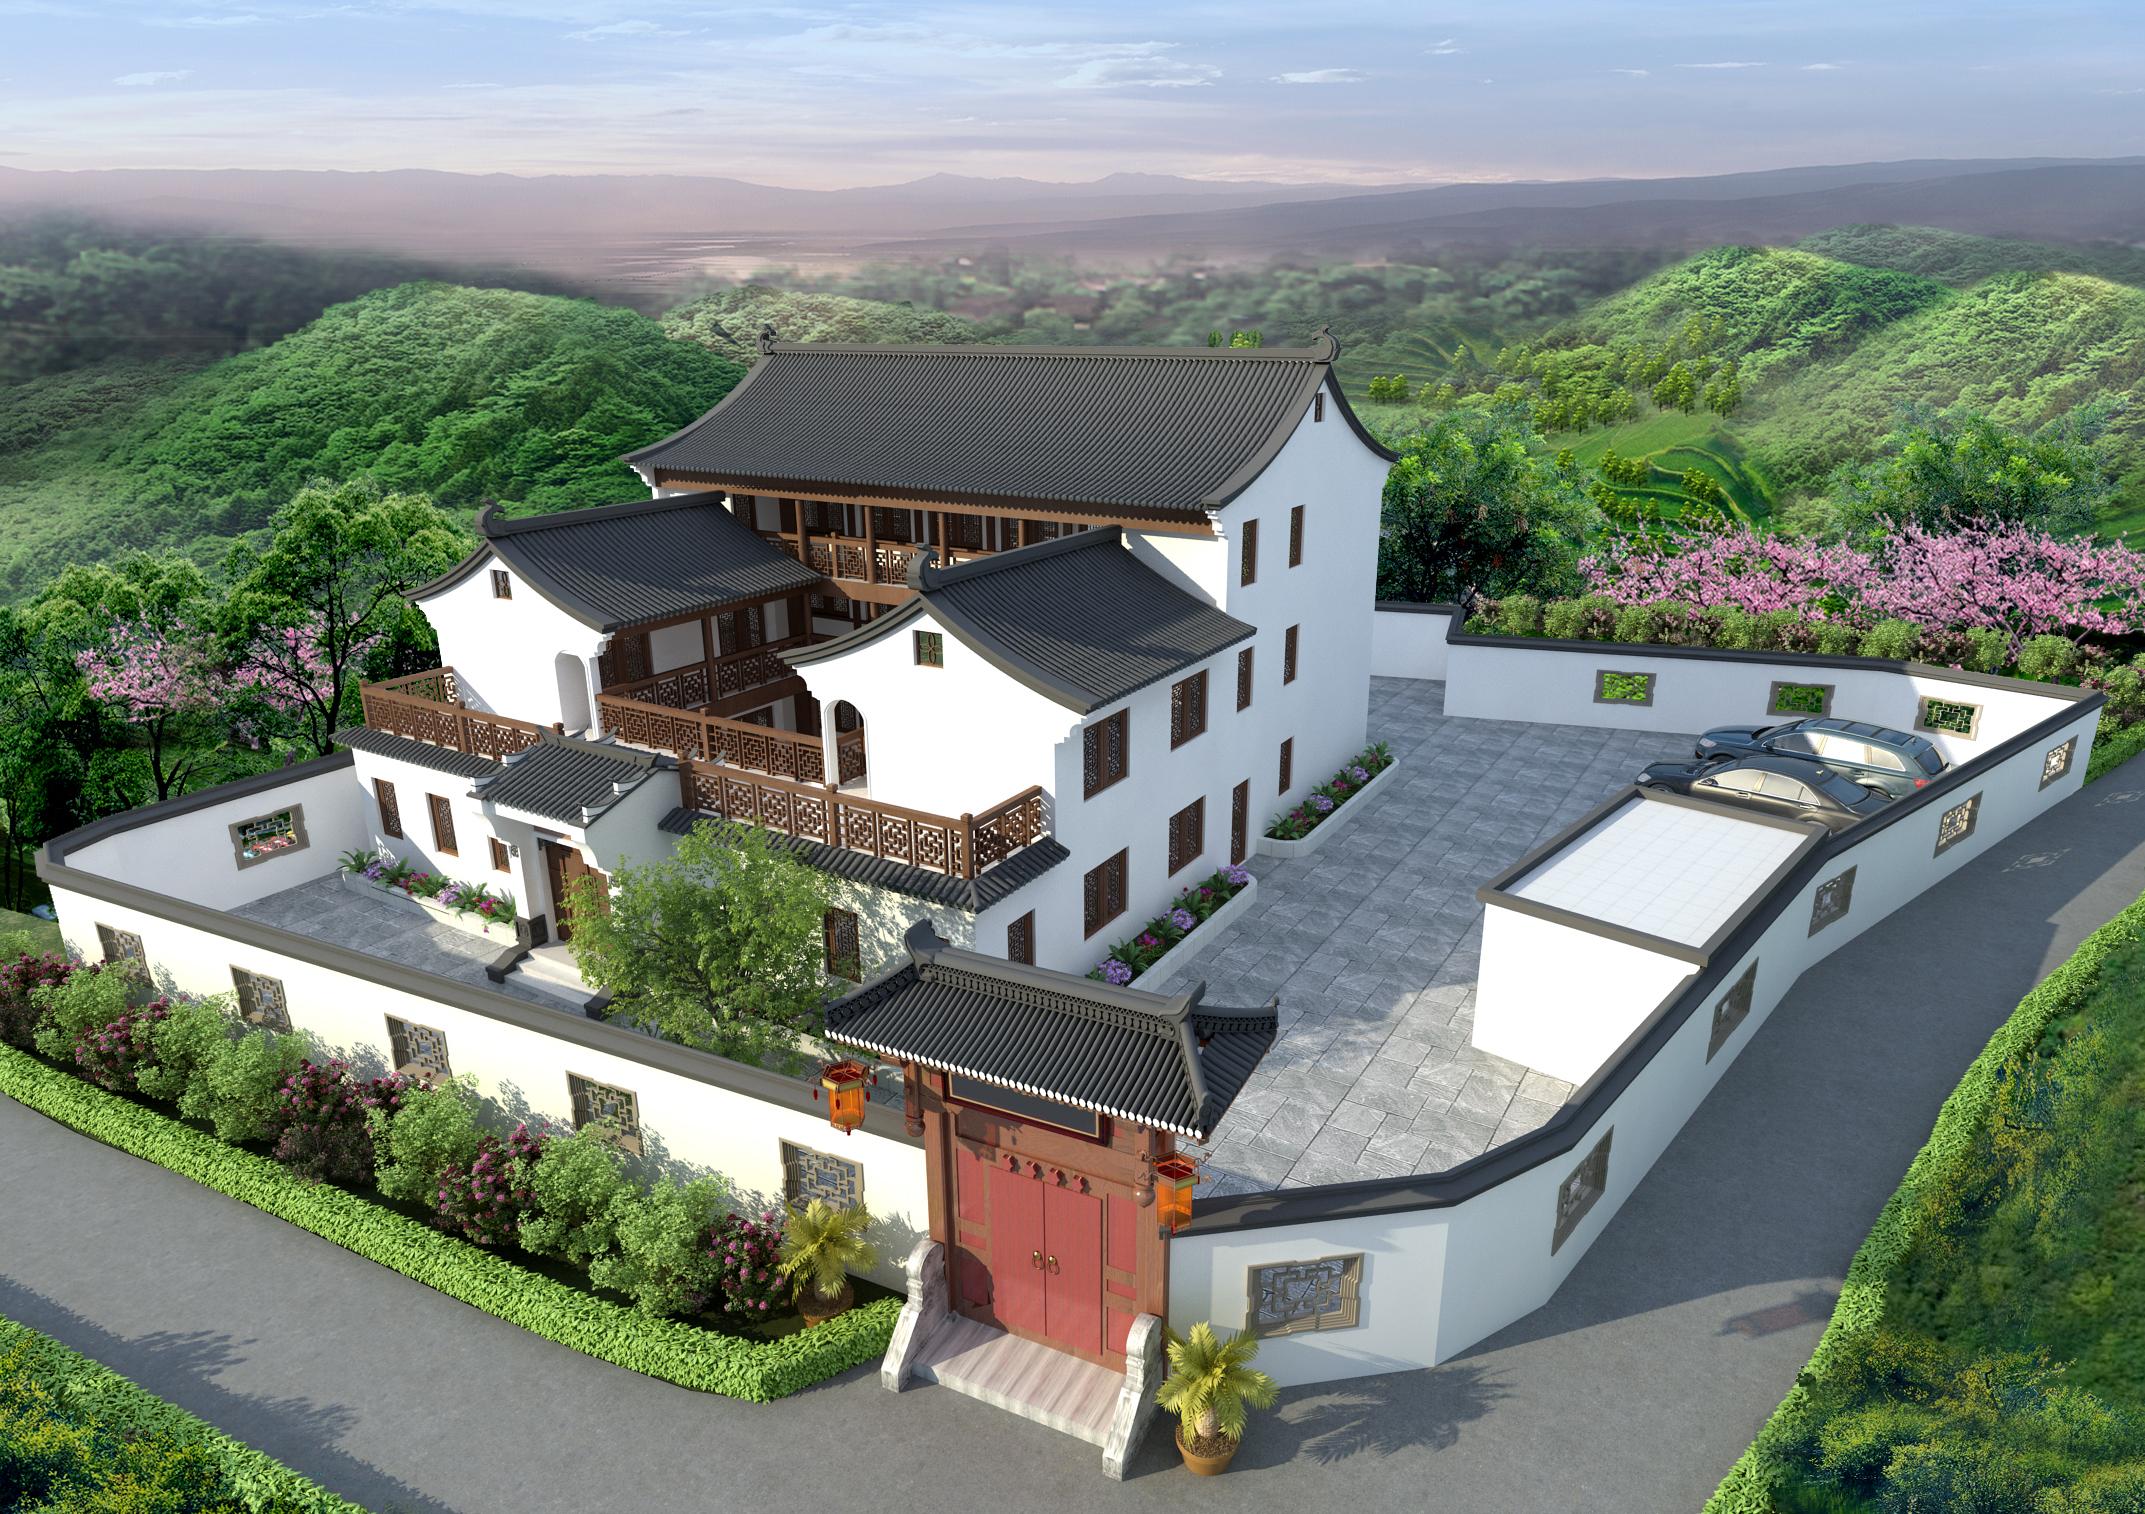 普通自建房别墅平面施工效果图建筑结构水电鸟瞰设计图